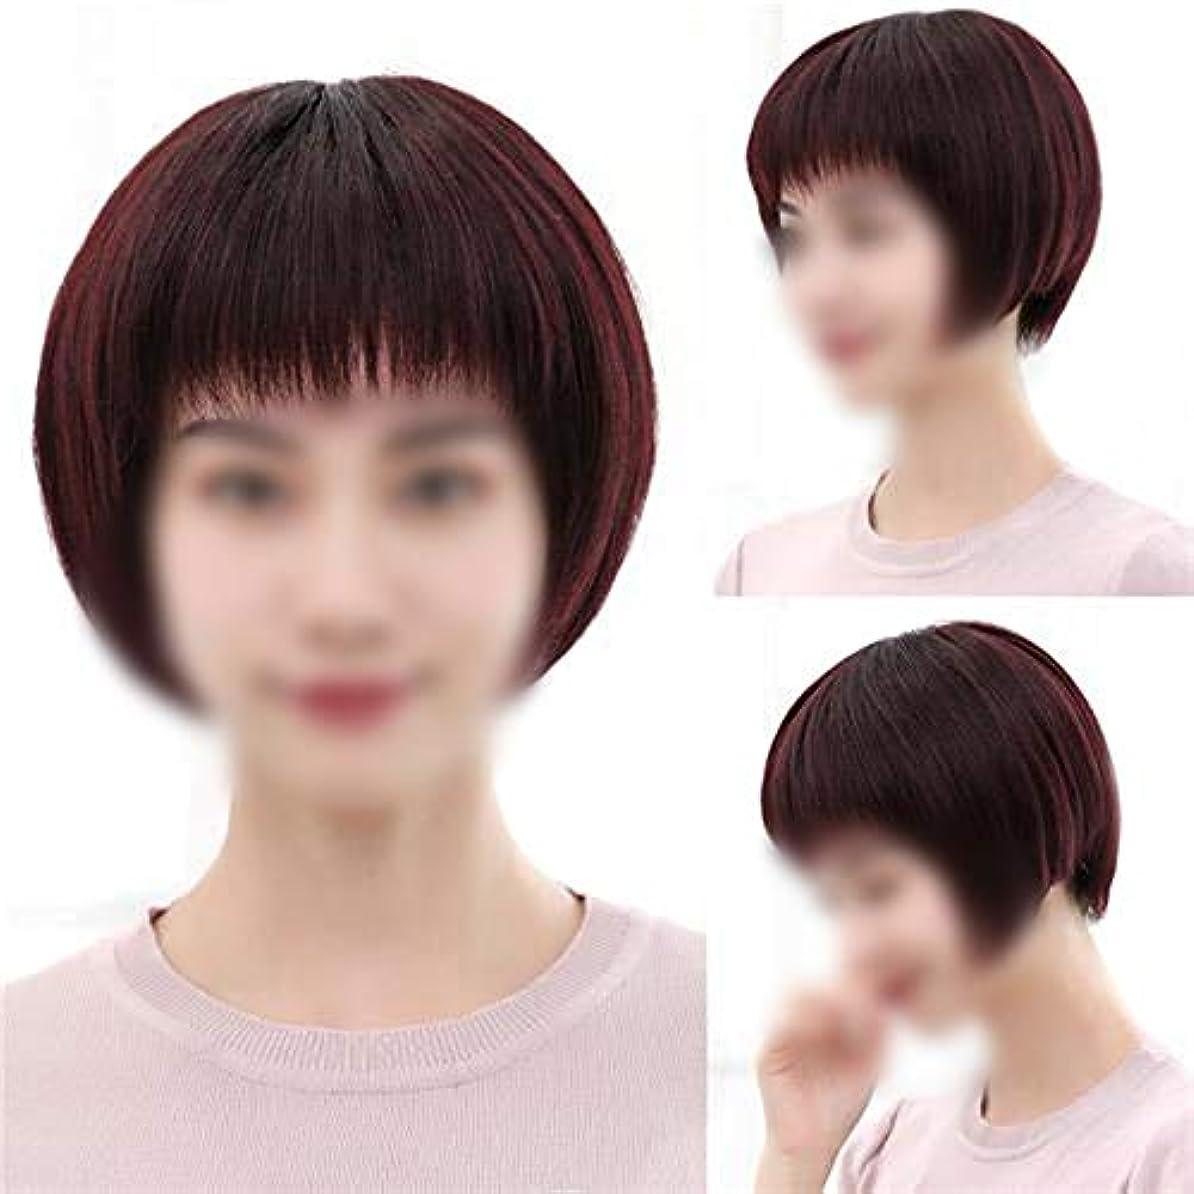 ピグマリオン嫌いダンスYOUQIU 女性の中年ウィッグウィッグボブショートストレート髪のフルハンド織実ヘアウィッグ (色 : Dark brown)